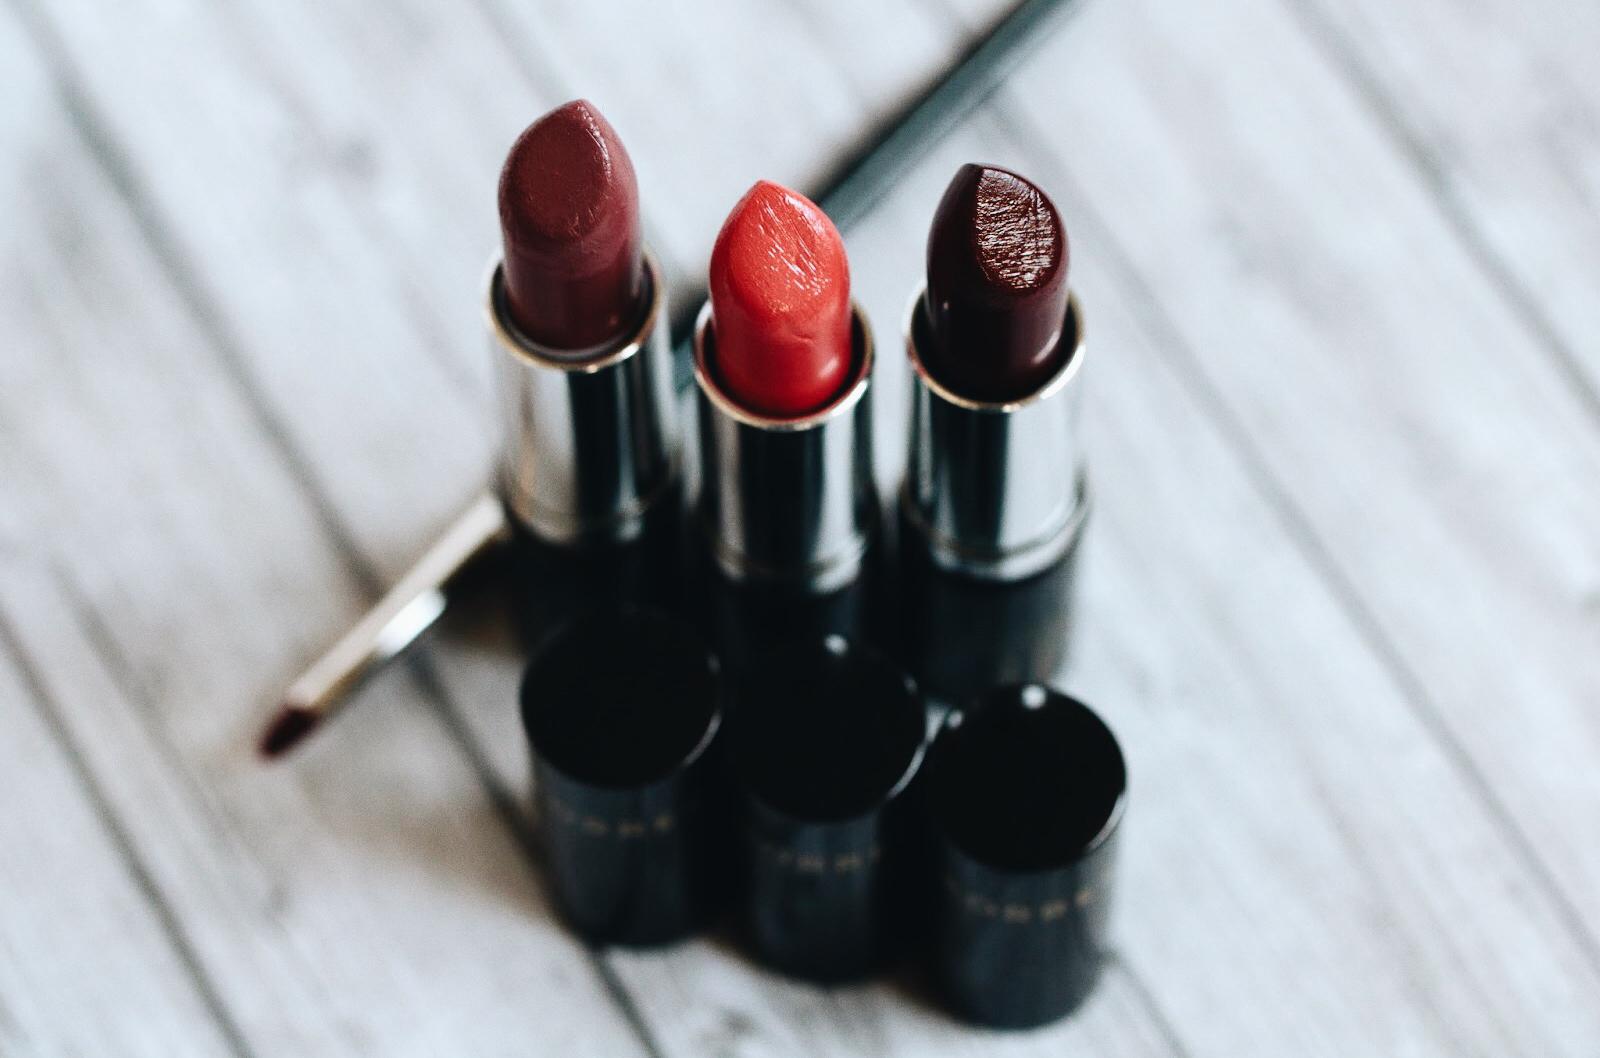 korres rouge à lèvres morello avis test swatches